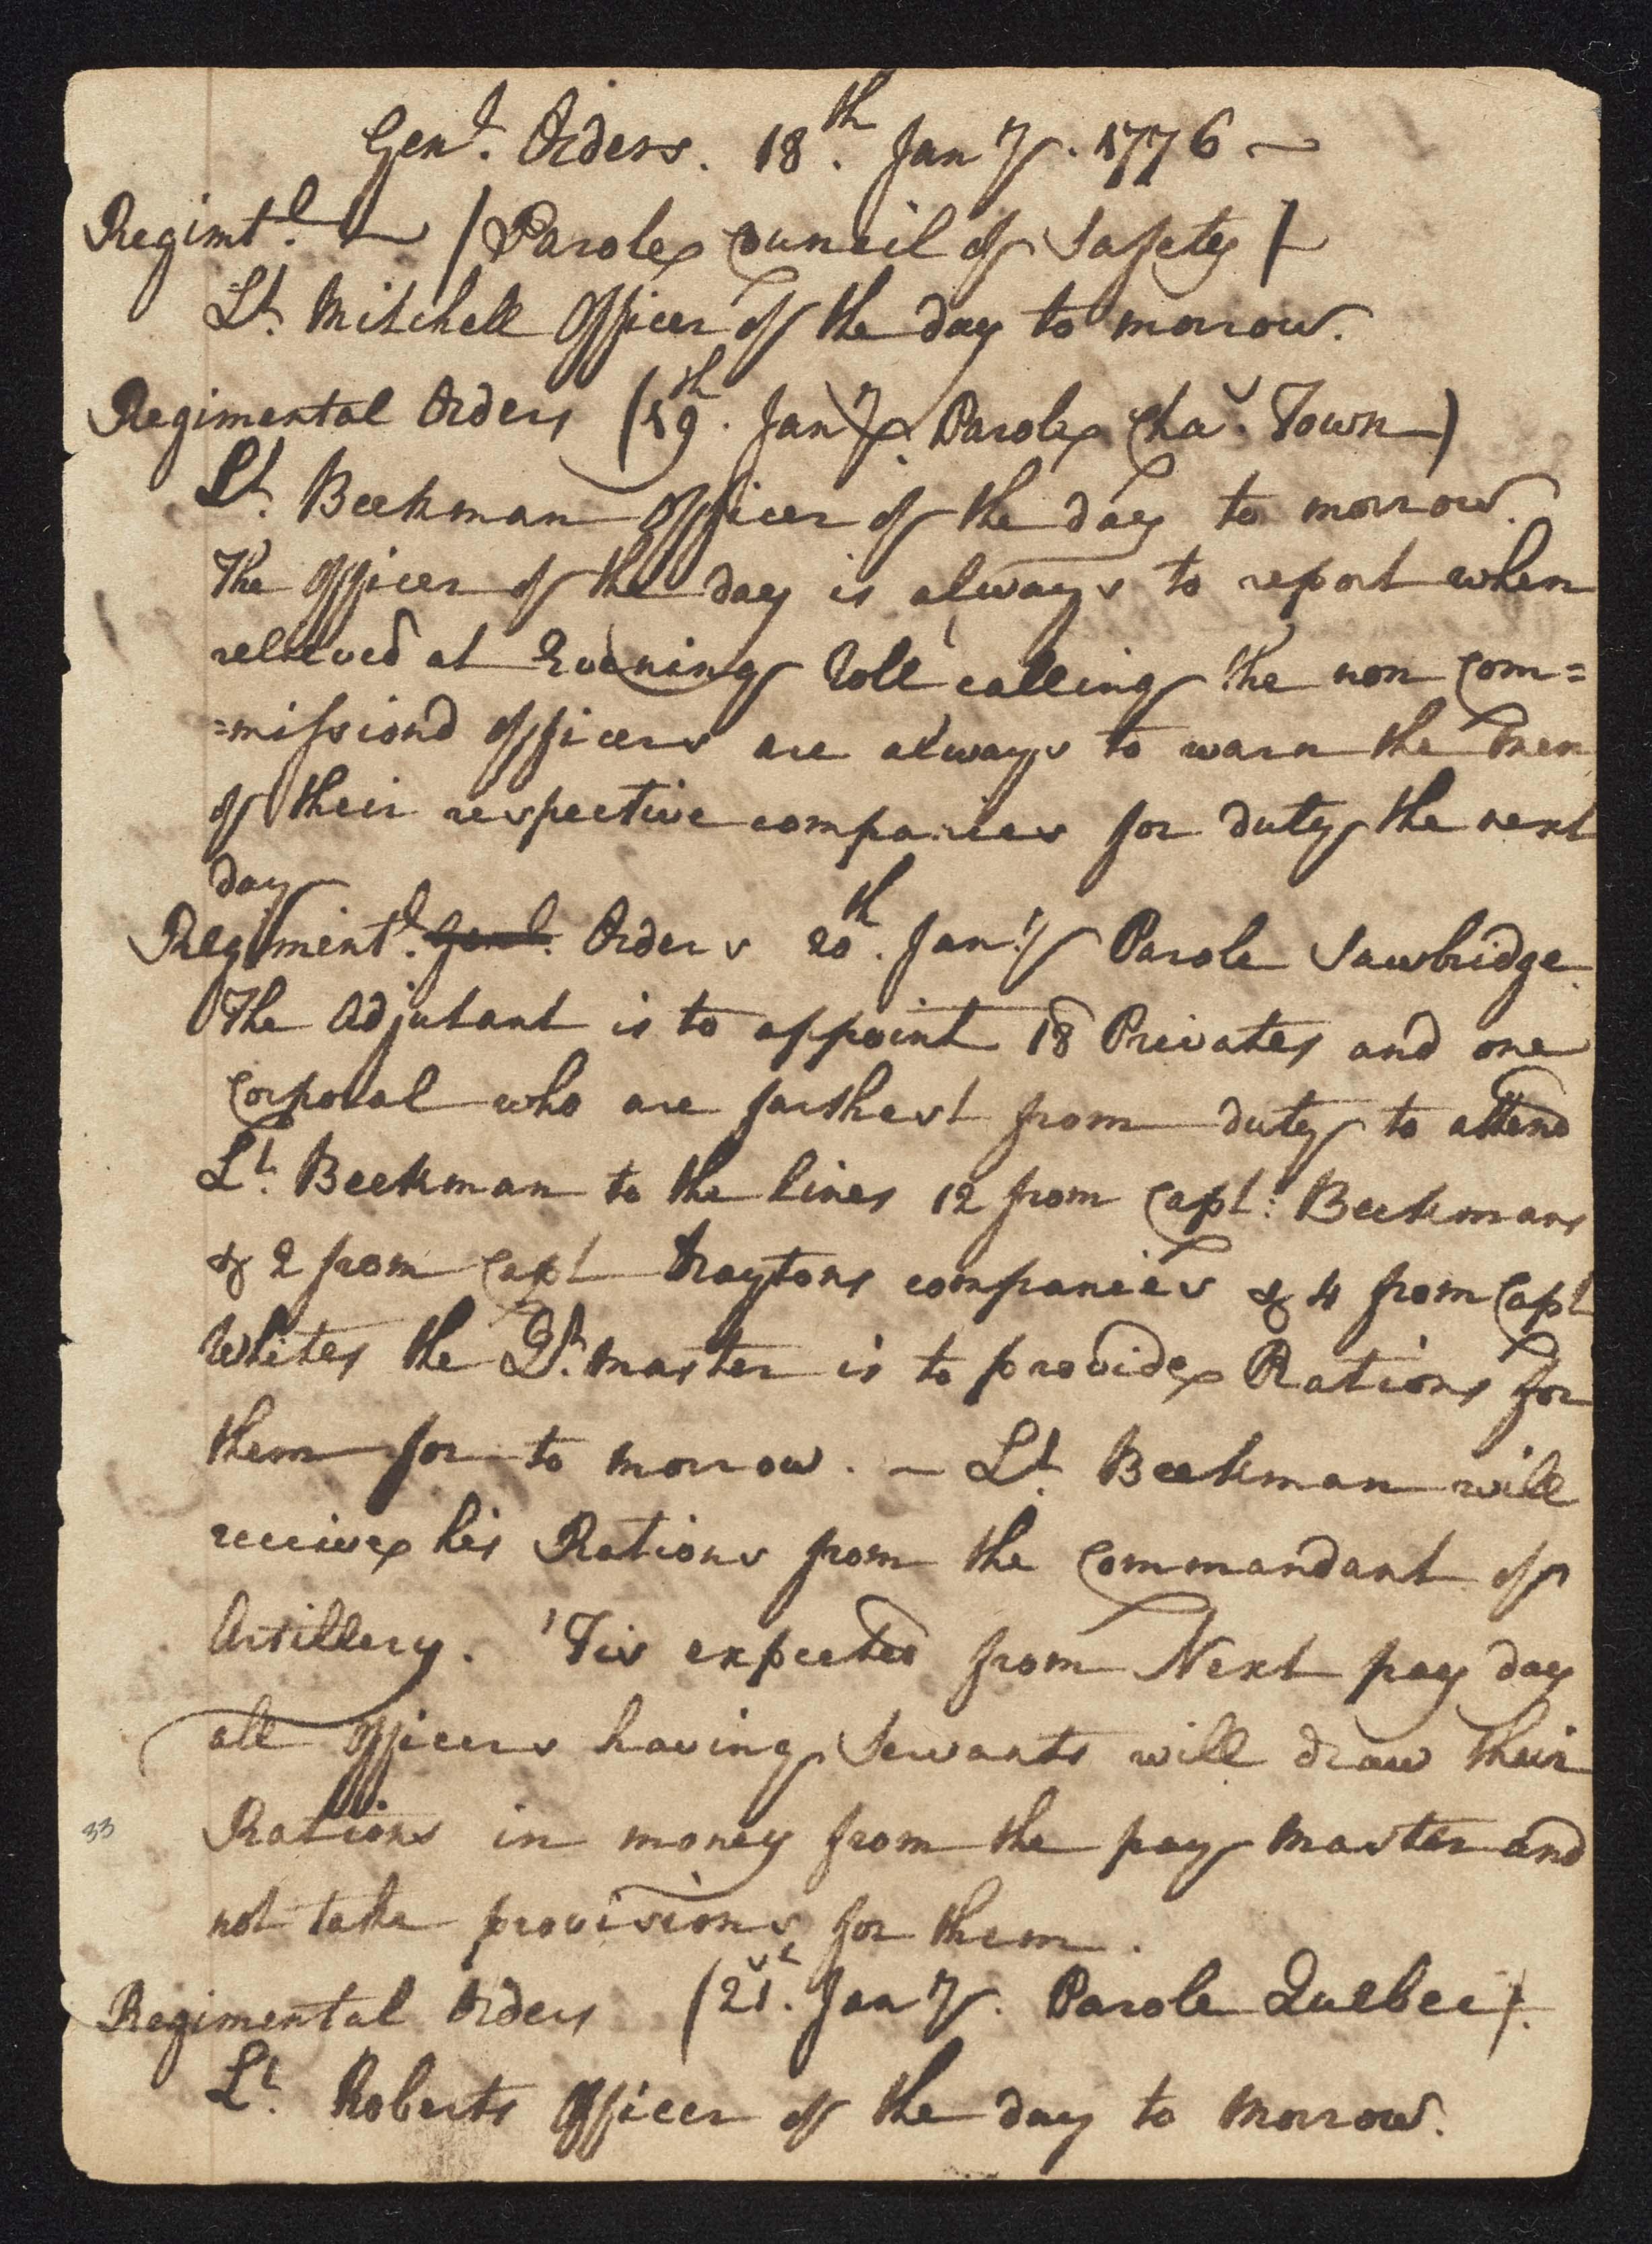 South Carolina Regiment Order Book, Page 65